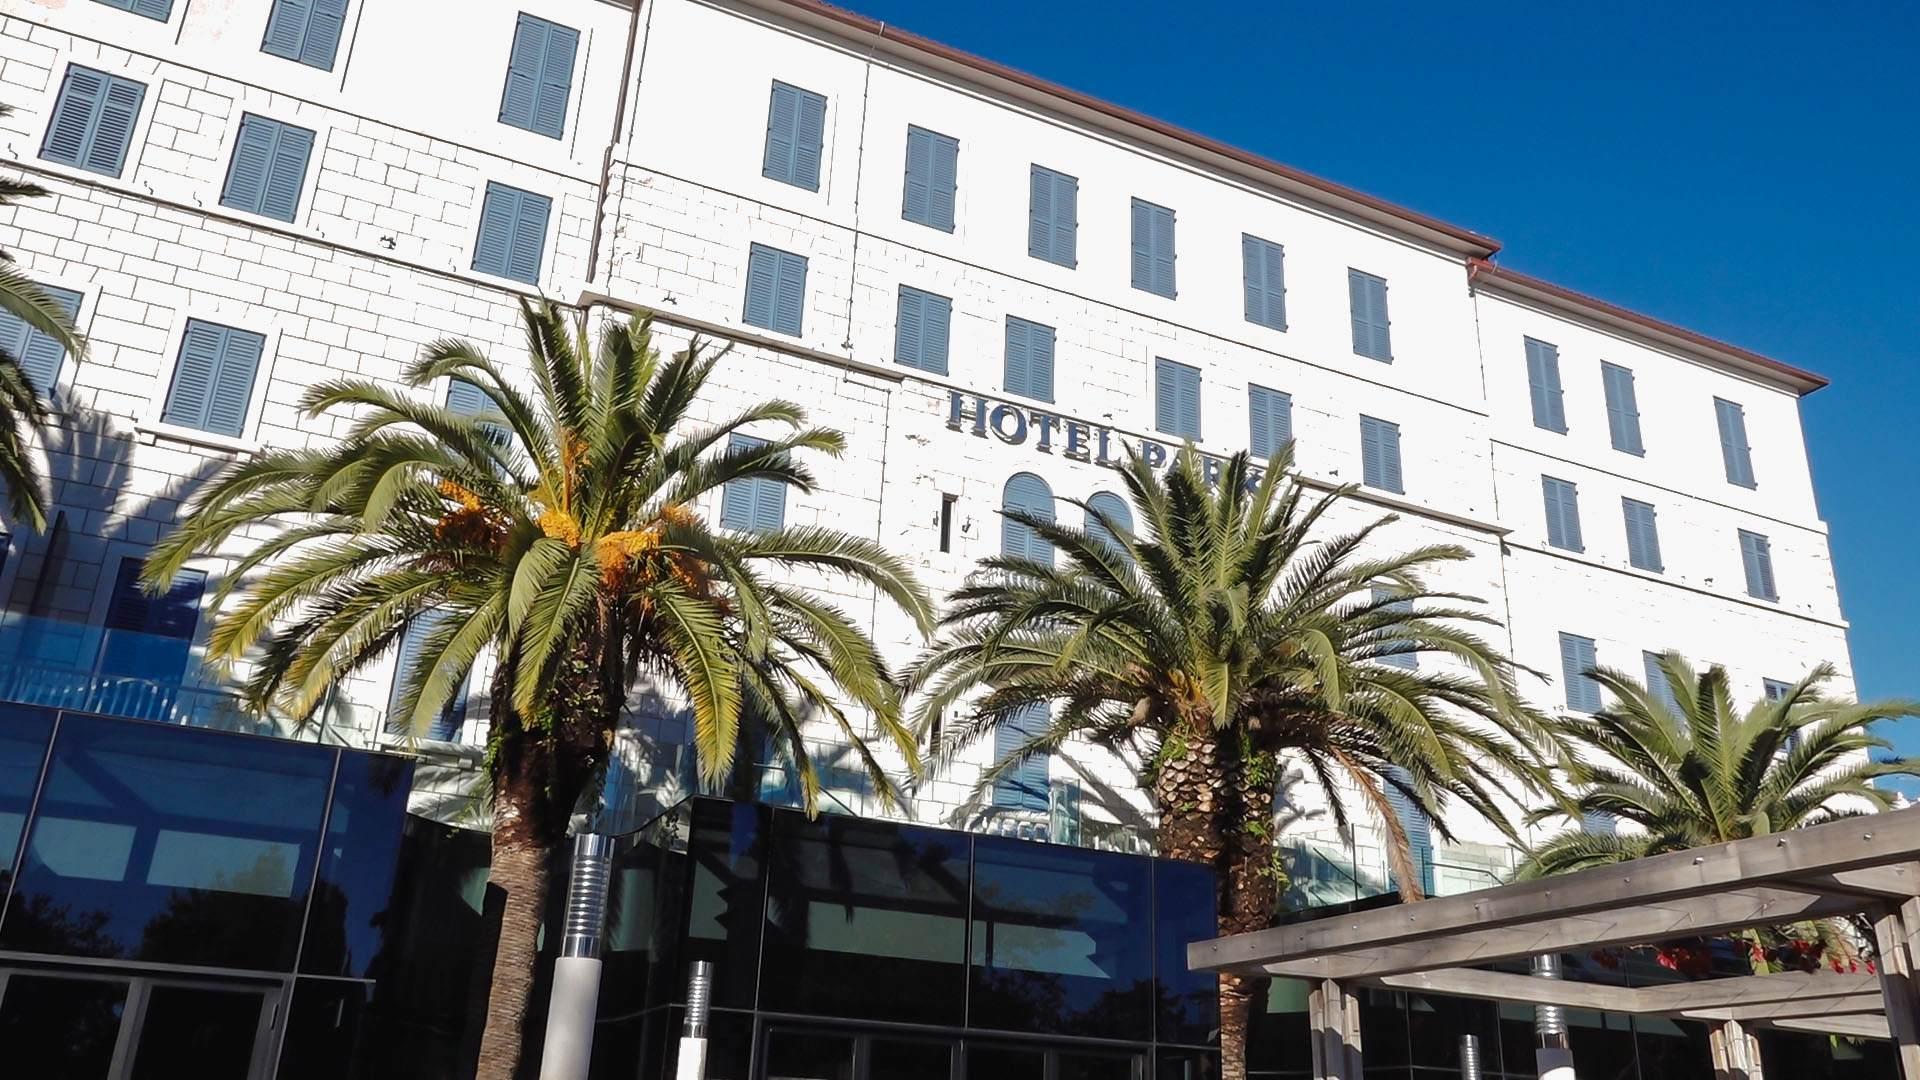 Za Uskrs prvi ovogodišnji turistički val, hoteli spremni